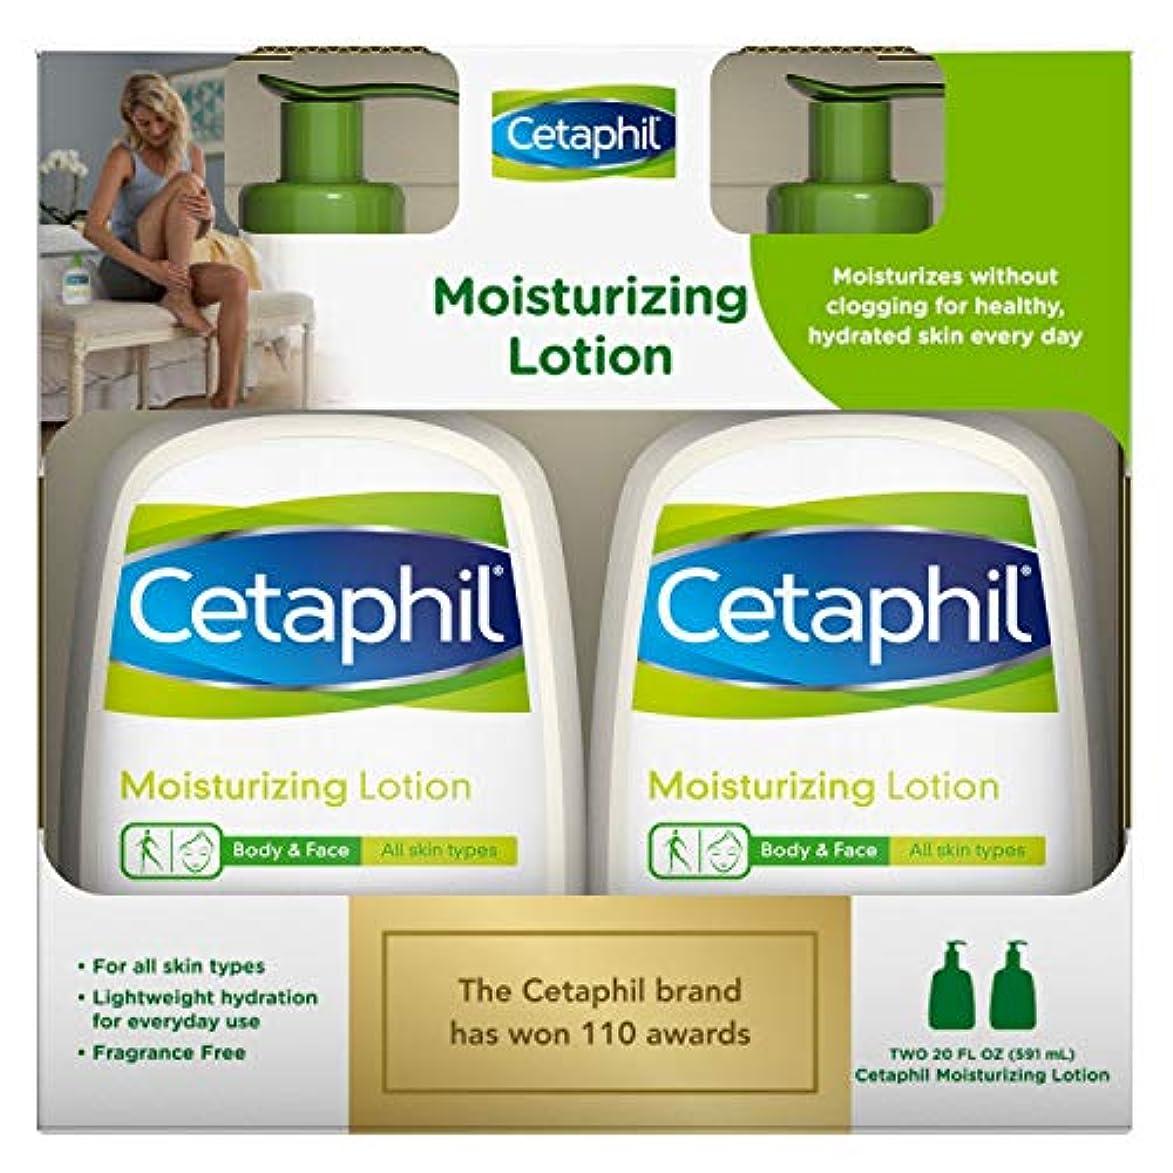 戻す閉じる適切にセタフィル モイスチャライジングローション 591ml 2本セット Cetaphil Moisturizing Lotion 20oz twin pack